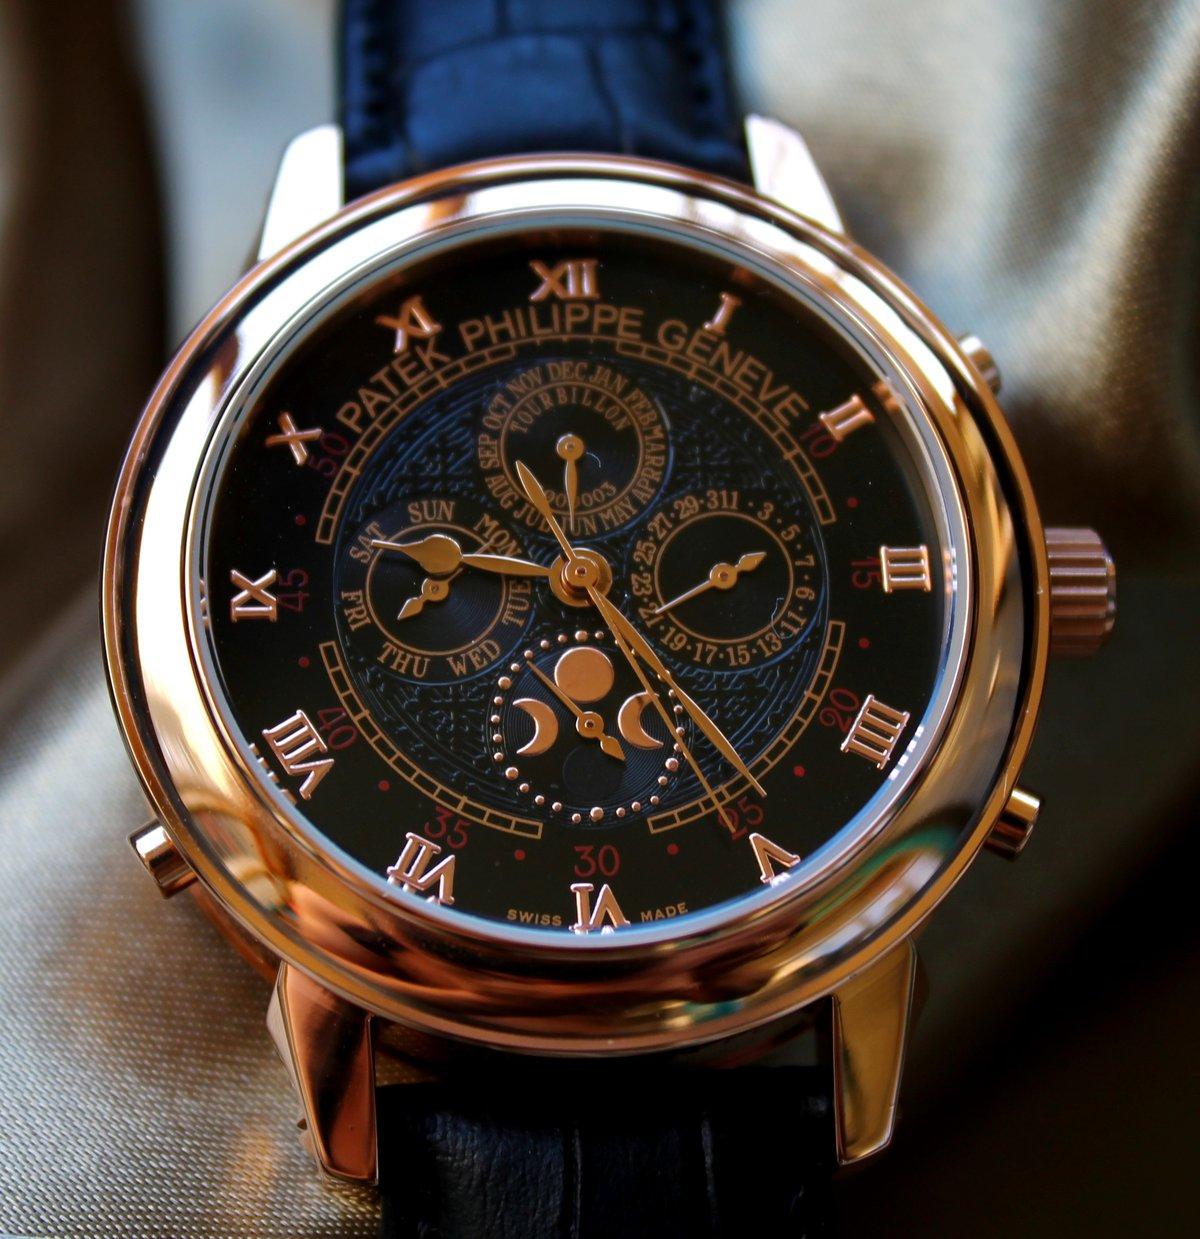 Антиквариат и коллекционирование антикварные часы оптические приборы и системы  часы мужские patek philippe (механика + кварц).